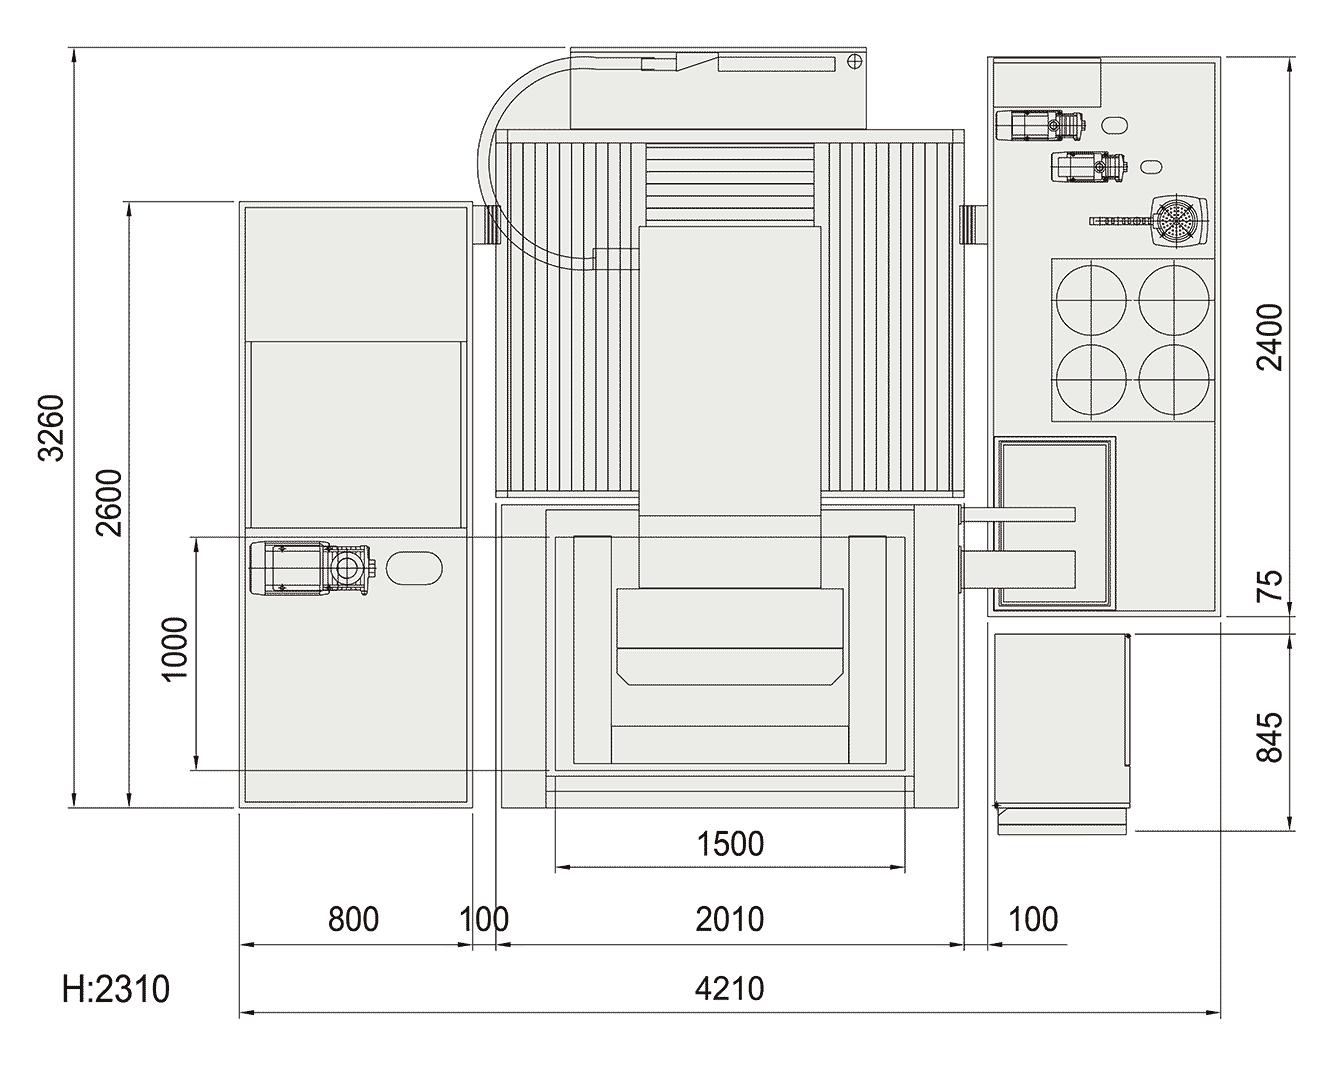 Excetek V1060 floorplan